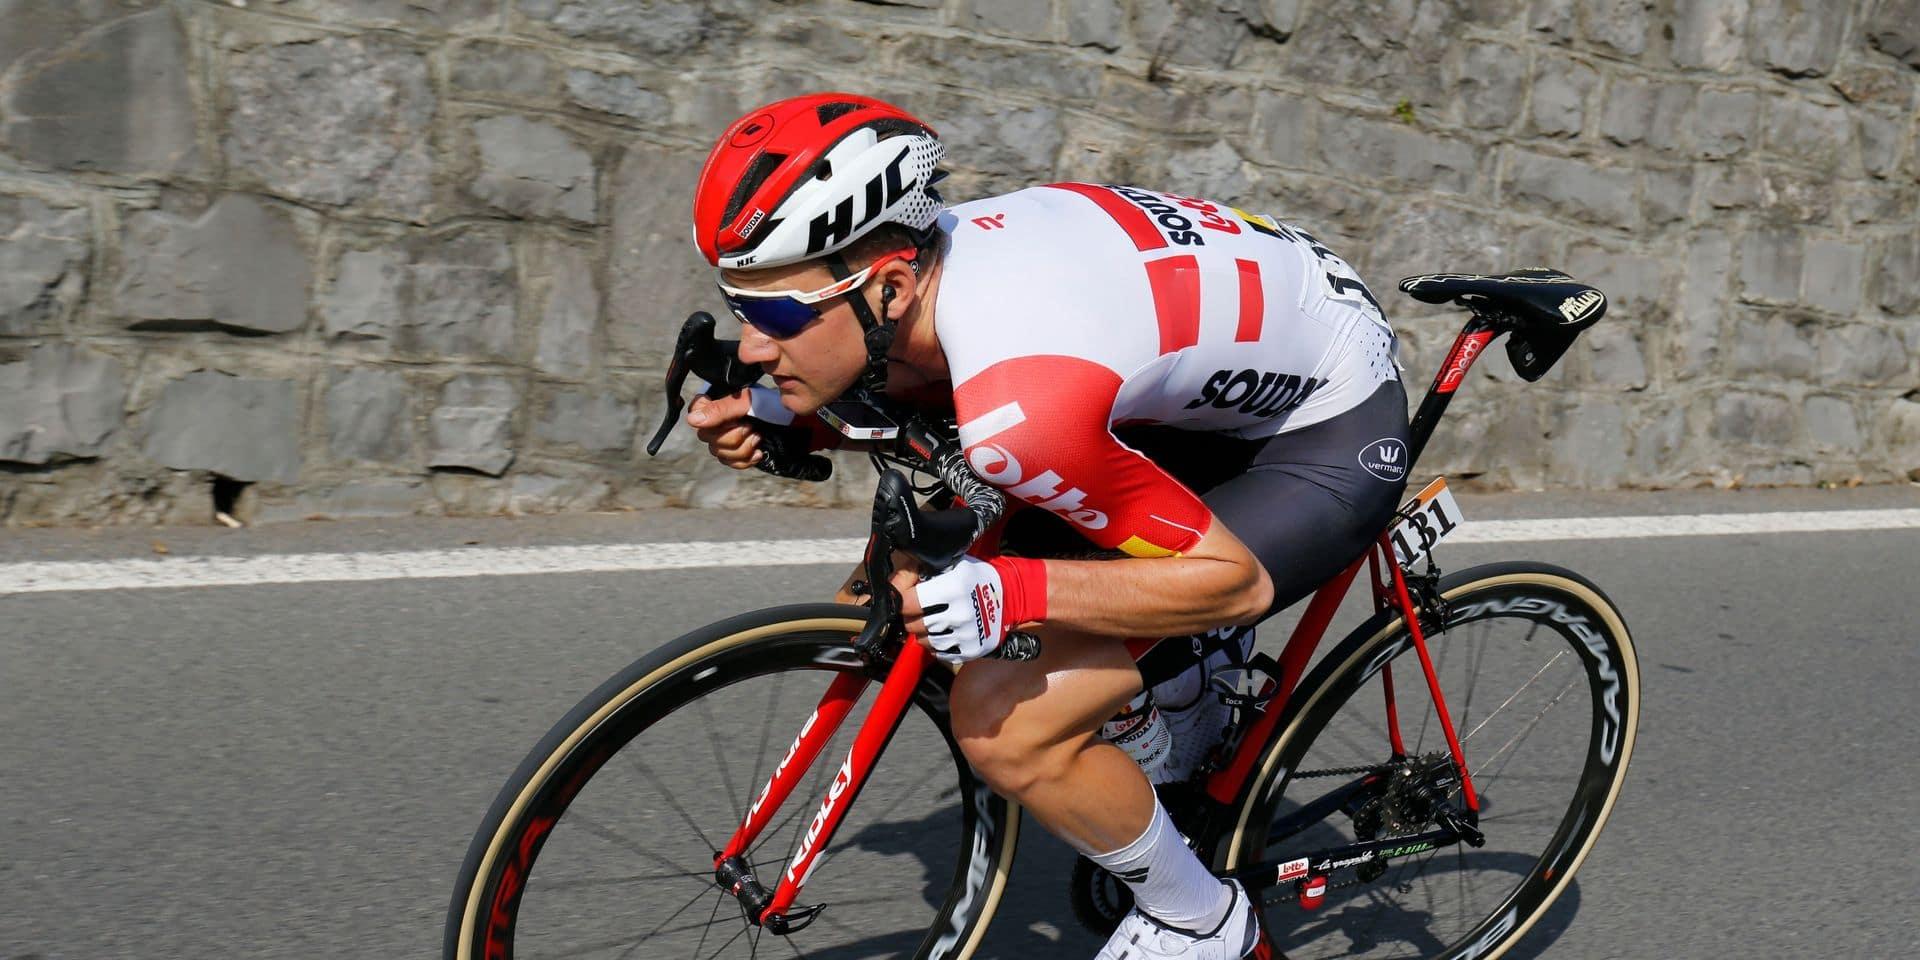 Blessé à l'entraînement, Tim Wellens doit faire une croix sur le Tour de  France - DH Les Sports+